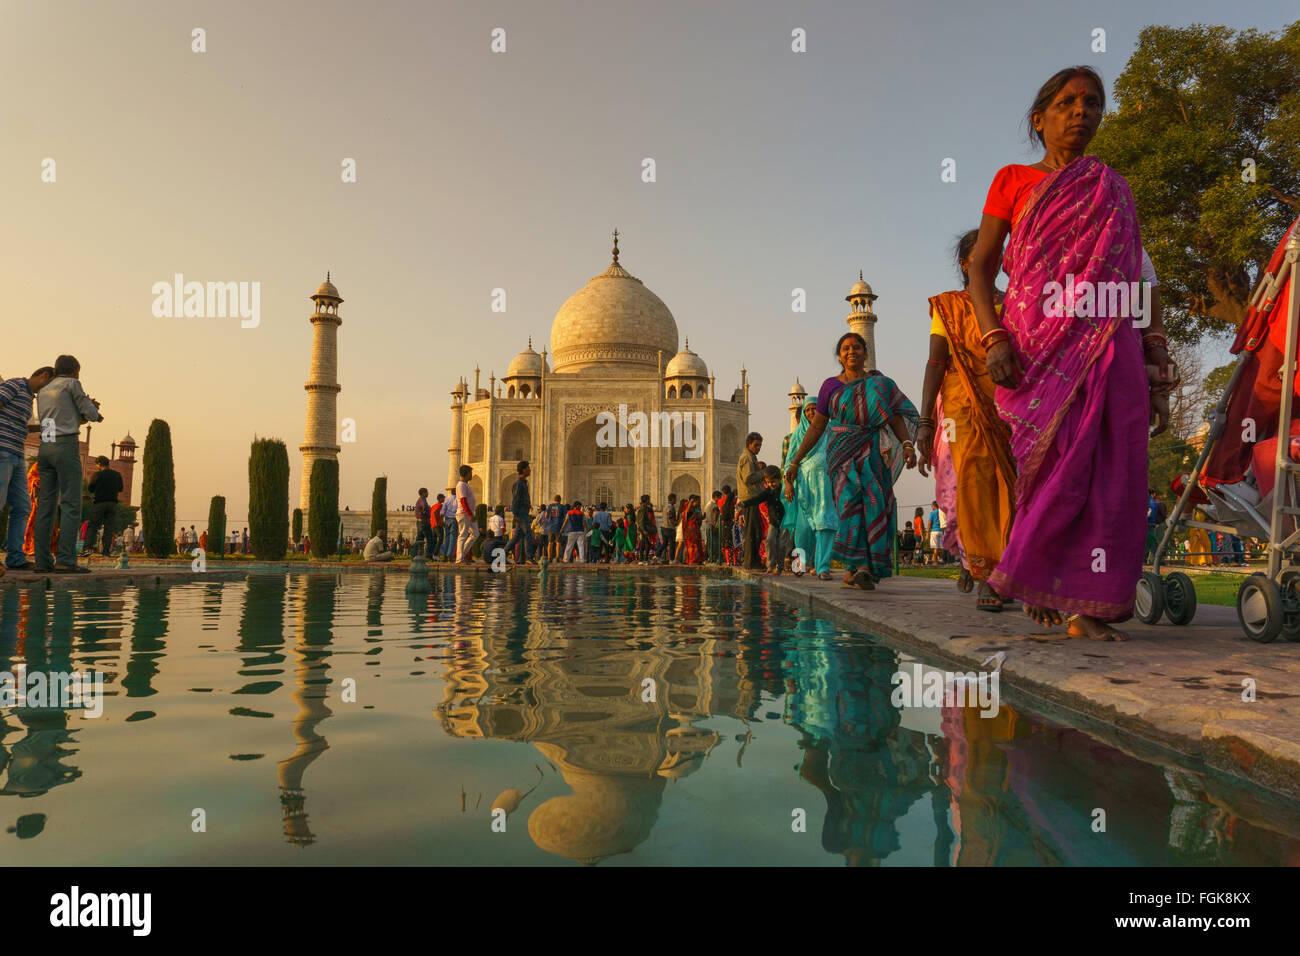 Taj Mahal, un mausolée de marbre blanc d'Agra, Inde. Banque D'Images